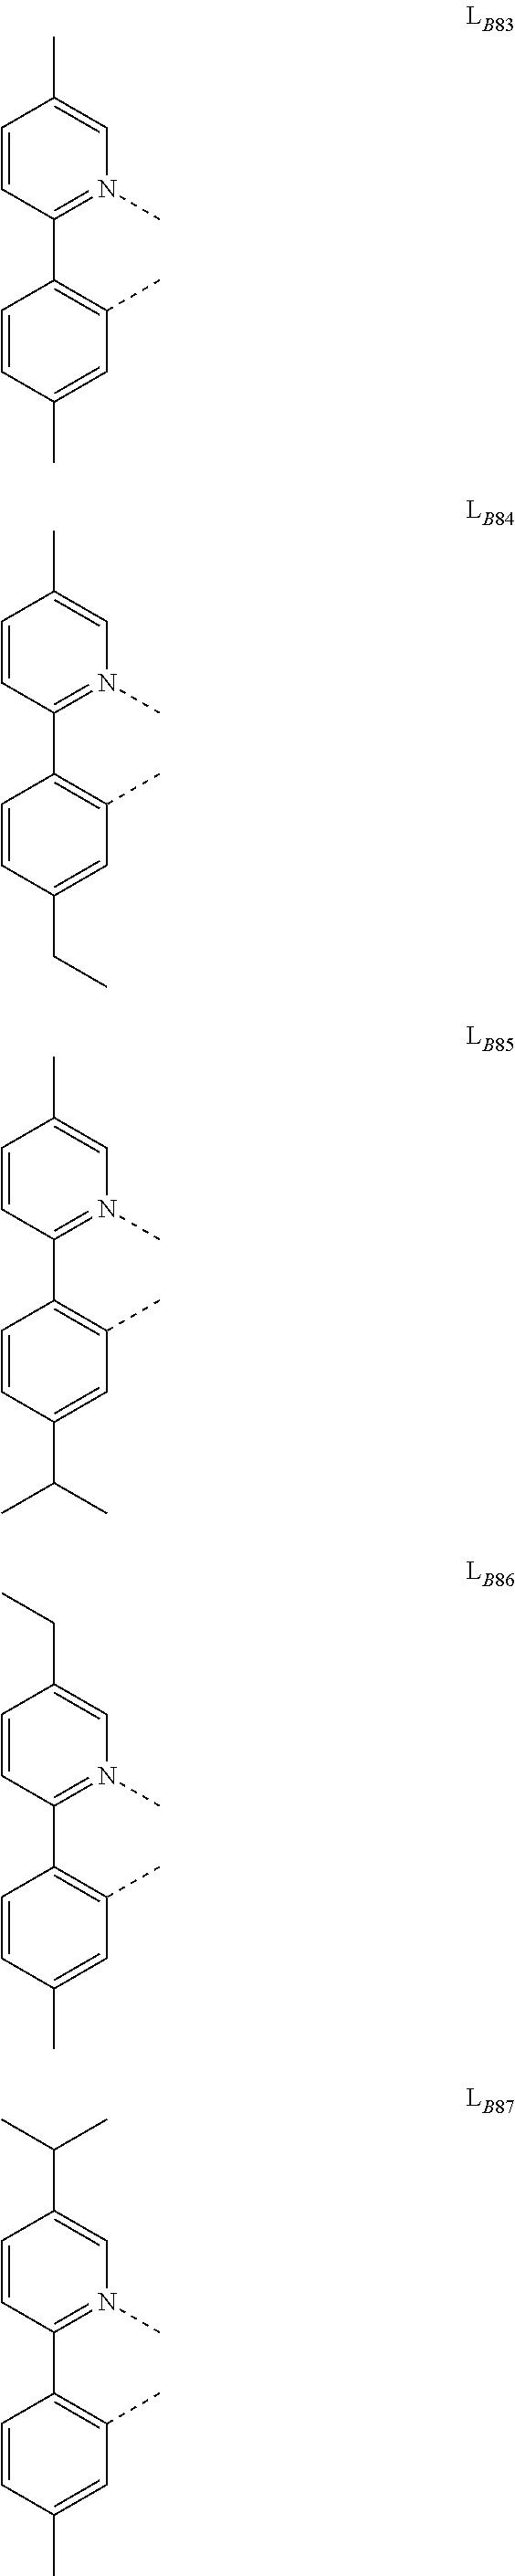 Figure US20180130962A1-20180510-C00275